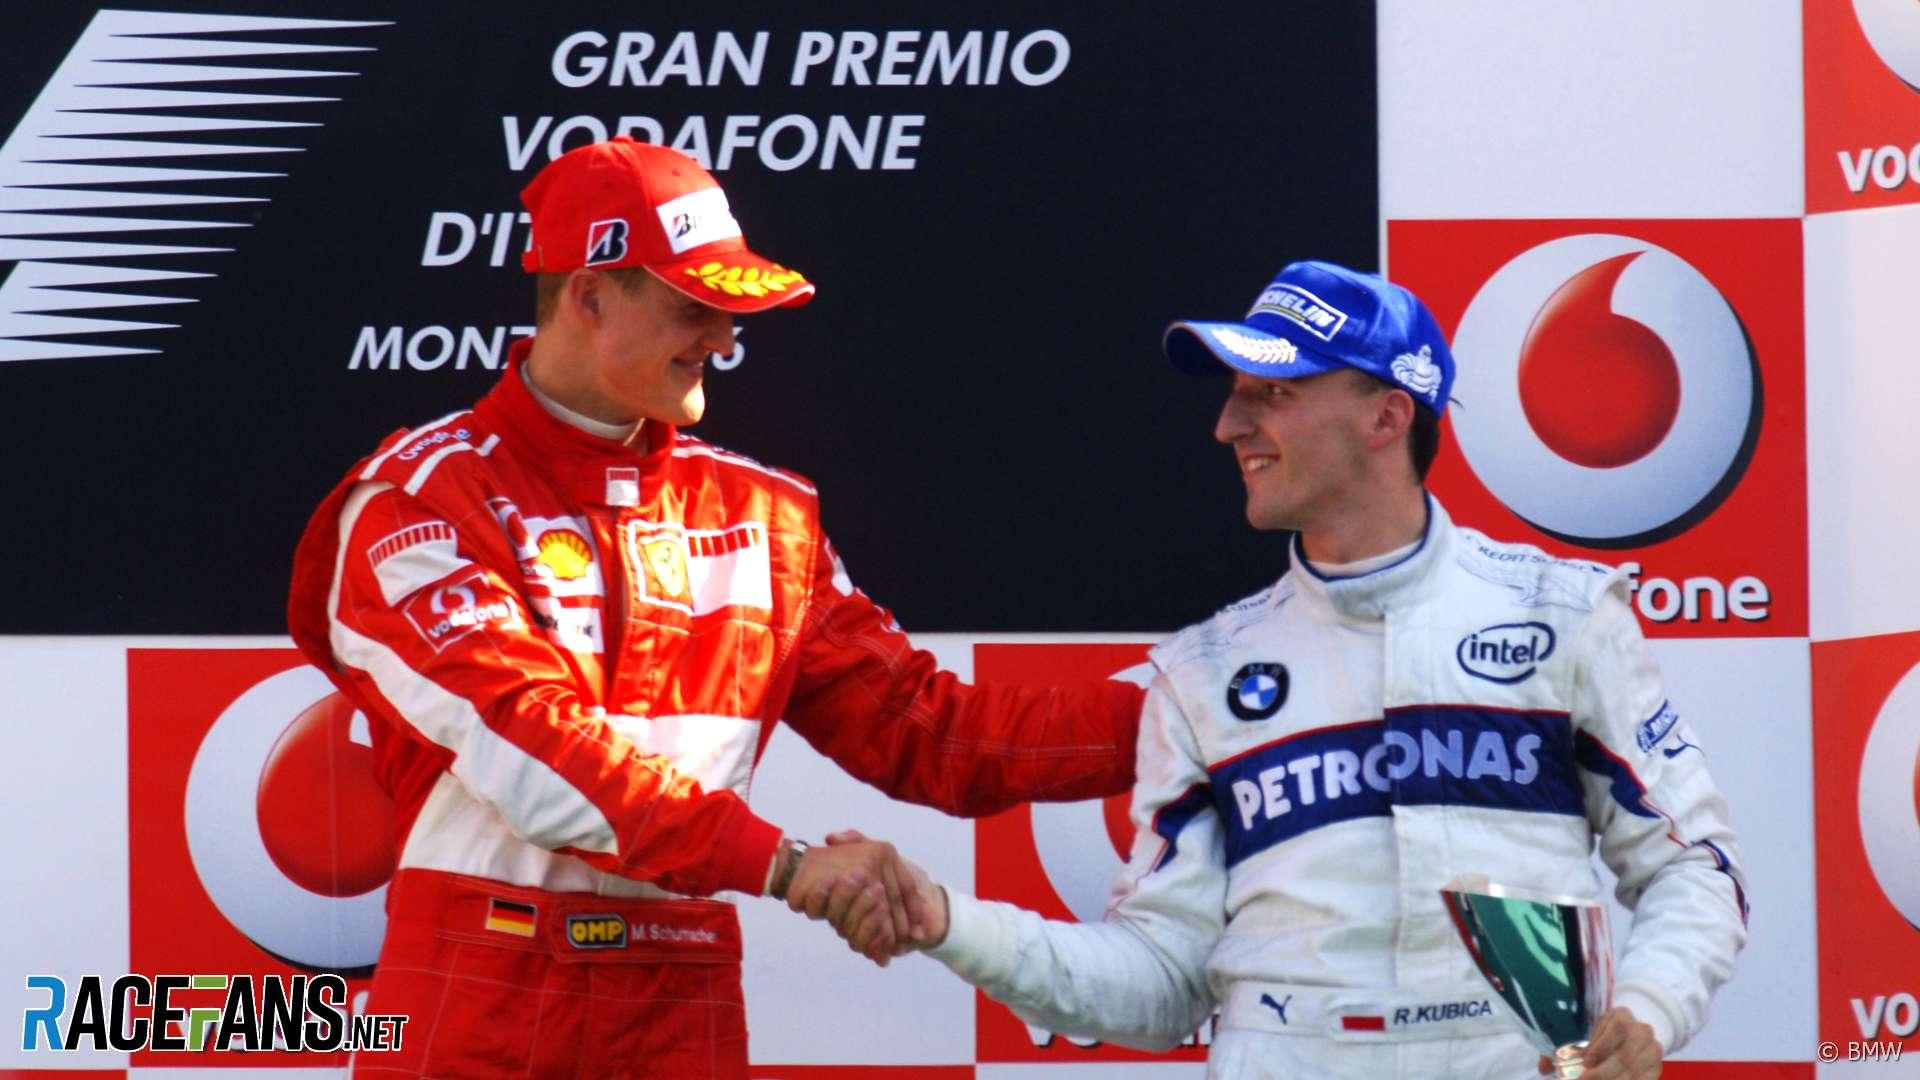 Michael Schumacher, Robert Kubica, Monza, 2006